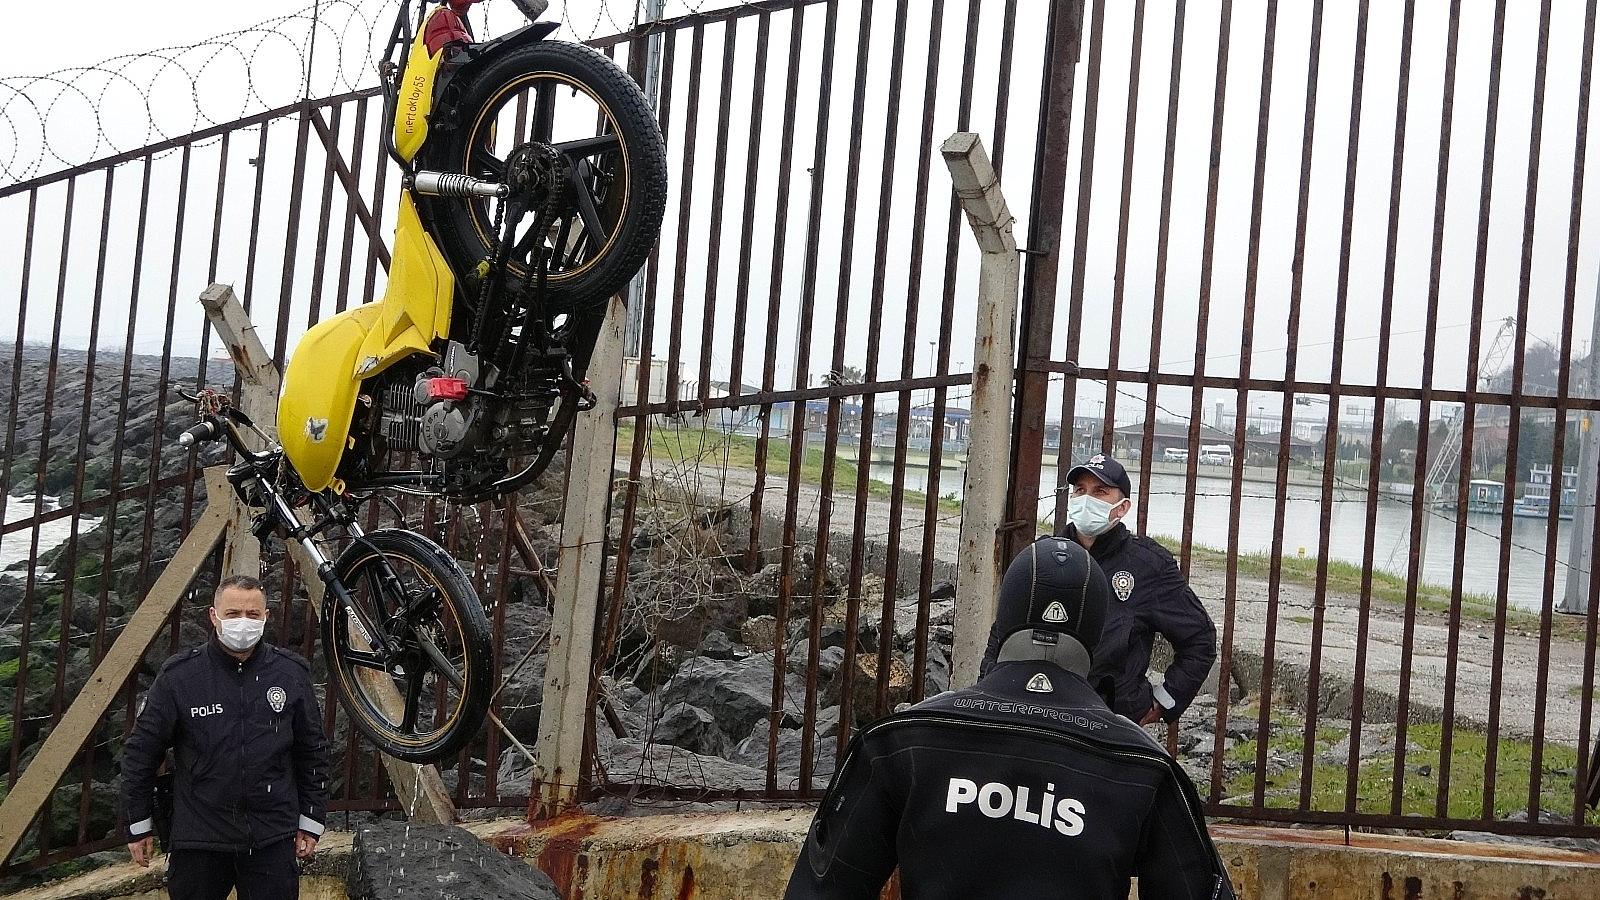 2021/04/samsunda-denizin-icinde-motosiklet-bulundu-20210402AW28-4.jpg